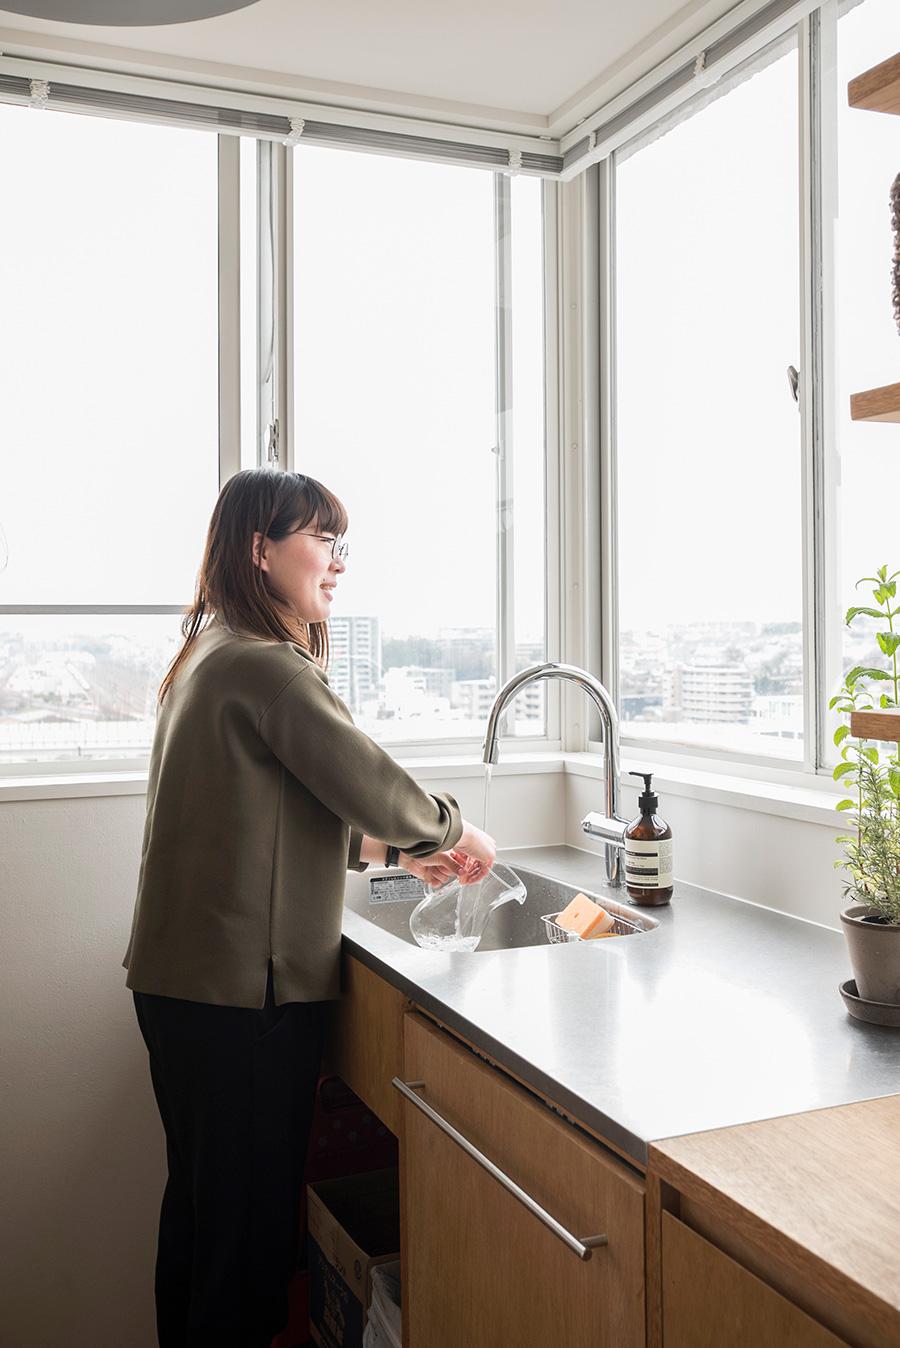 洗いものをしながら遠くの街を一望。食洗機は寛子さんがどうしても使いたかったASKOを採用。